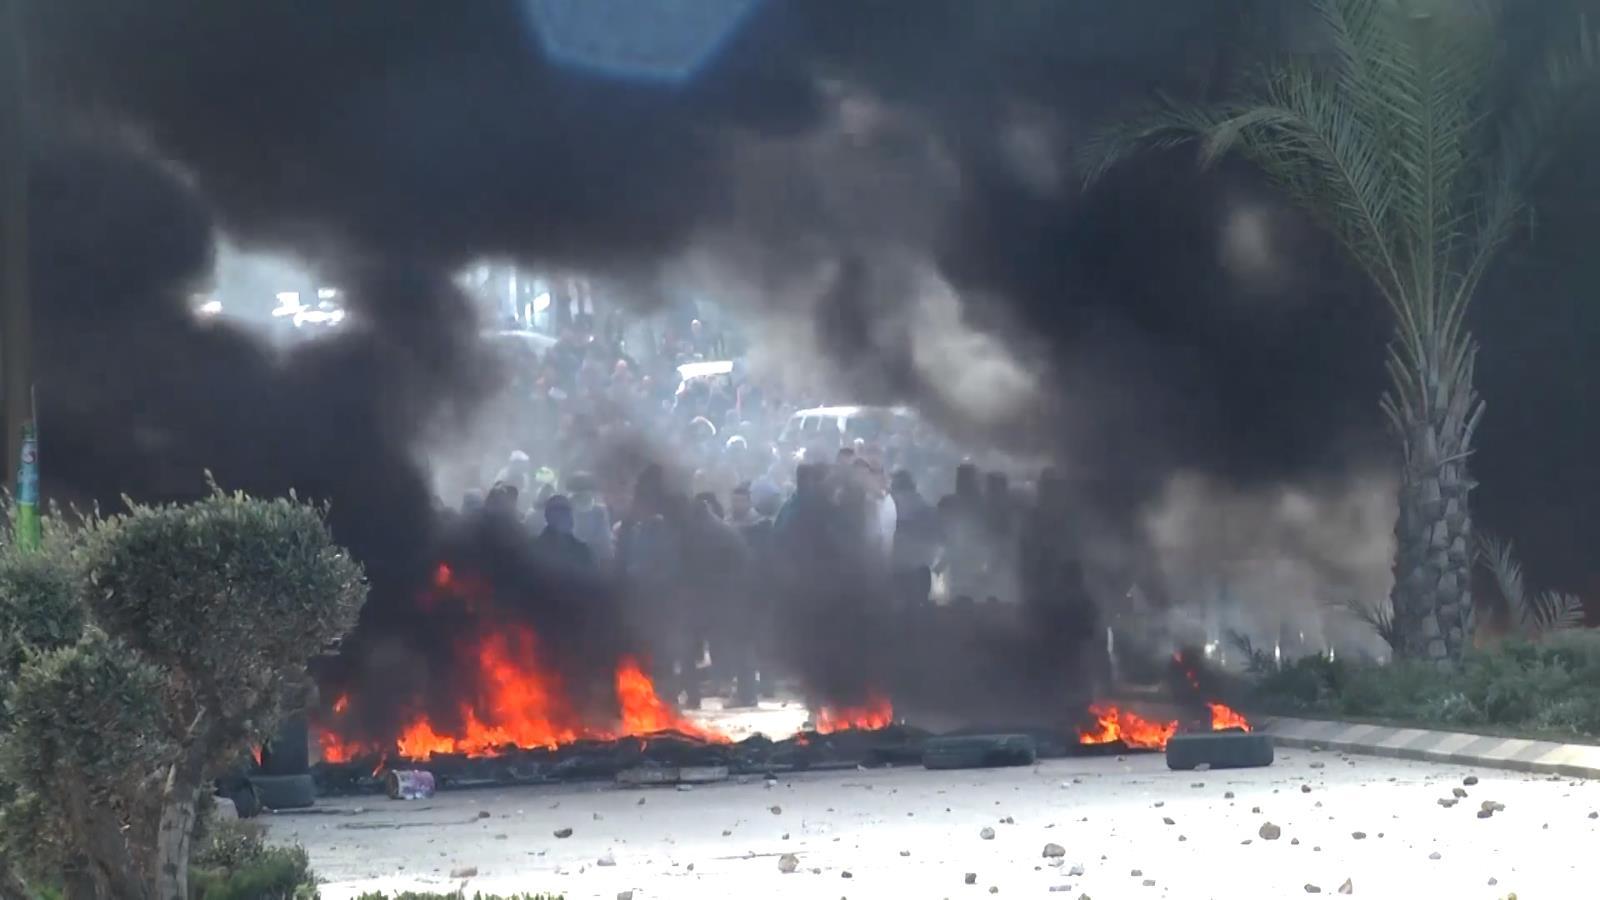 Ngọn lửa biểu tình bùng cháy khắp Bờ Tây và dải Gaza sau quyết định của Tổng thống Trump  - Ảnh 6